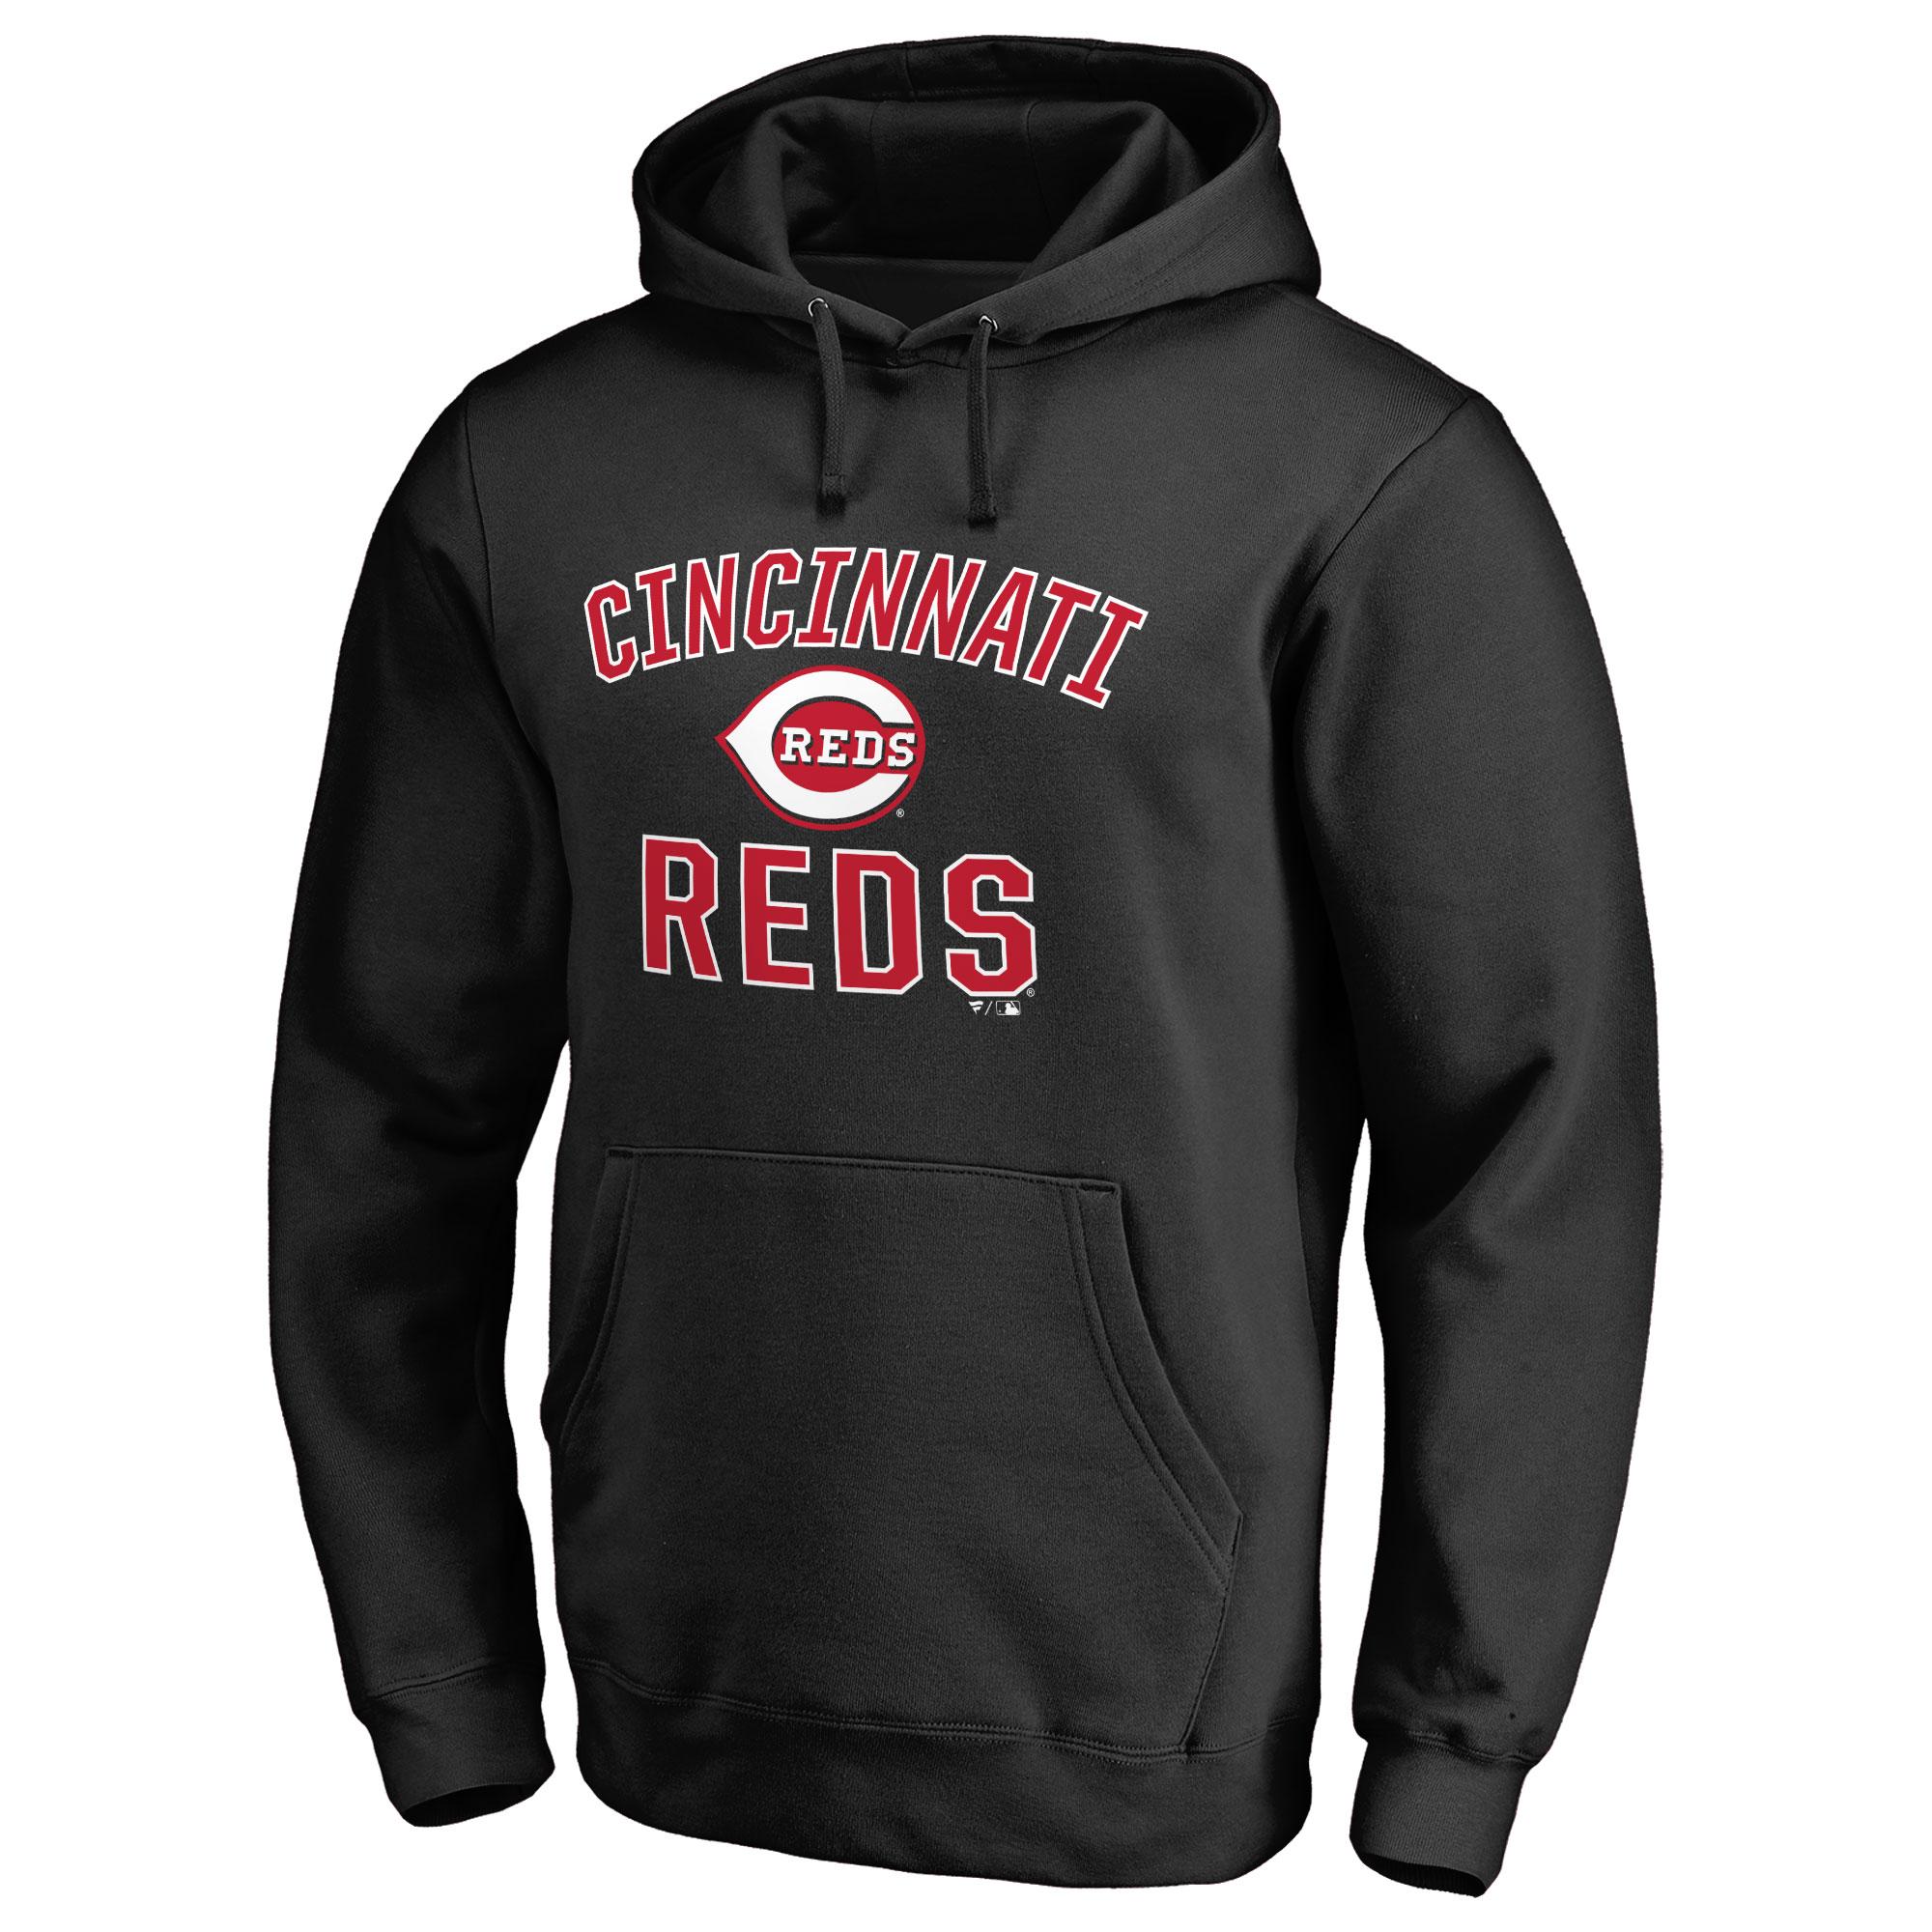 Cincinnati Reds Victory Arch Pullover Hoodie - Black